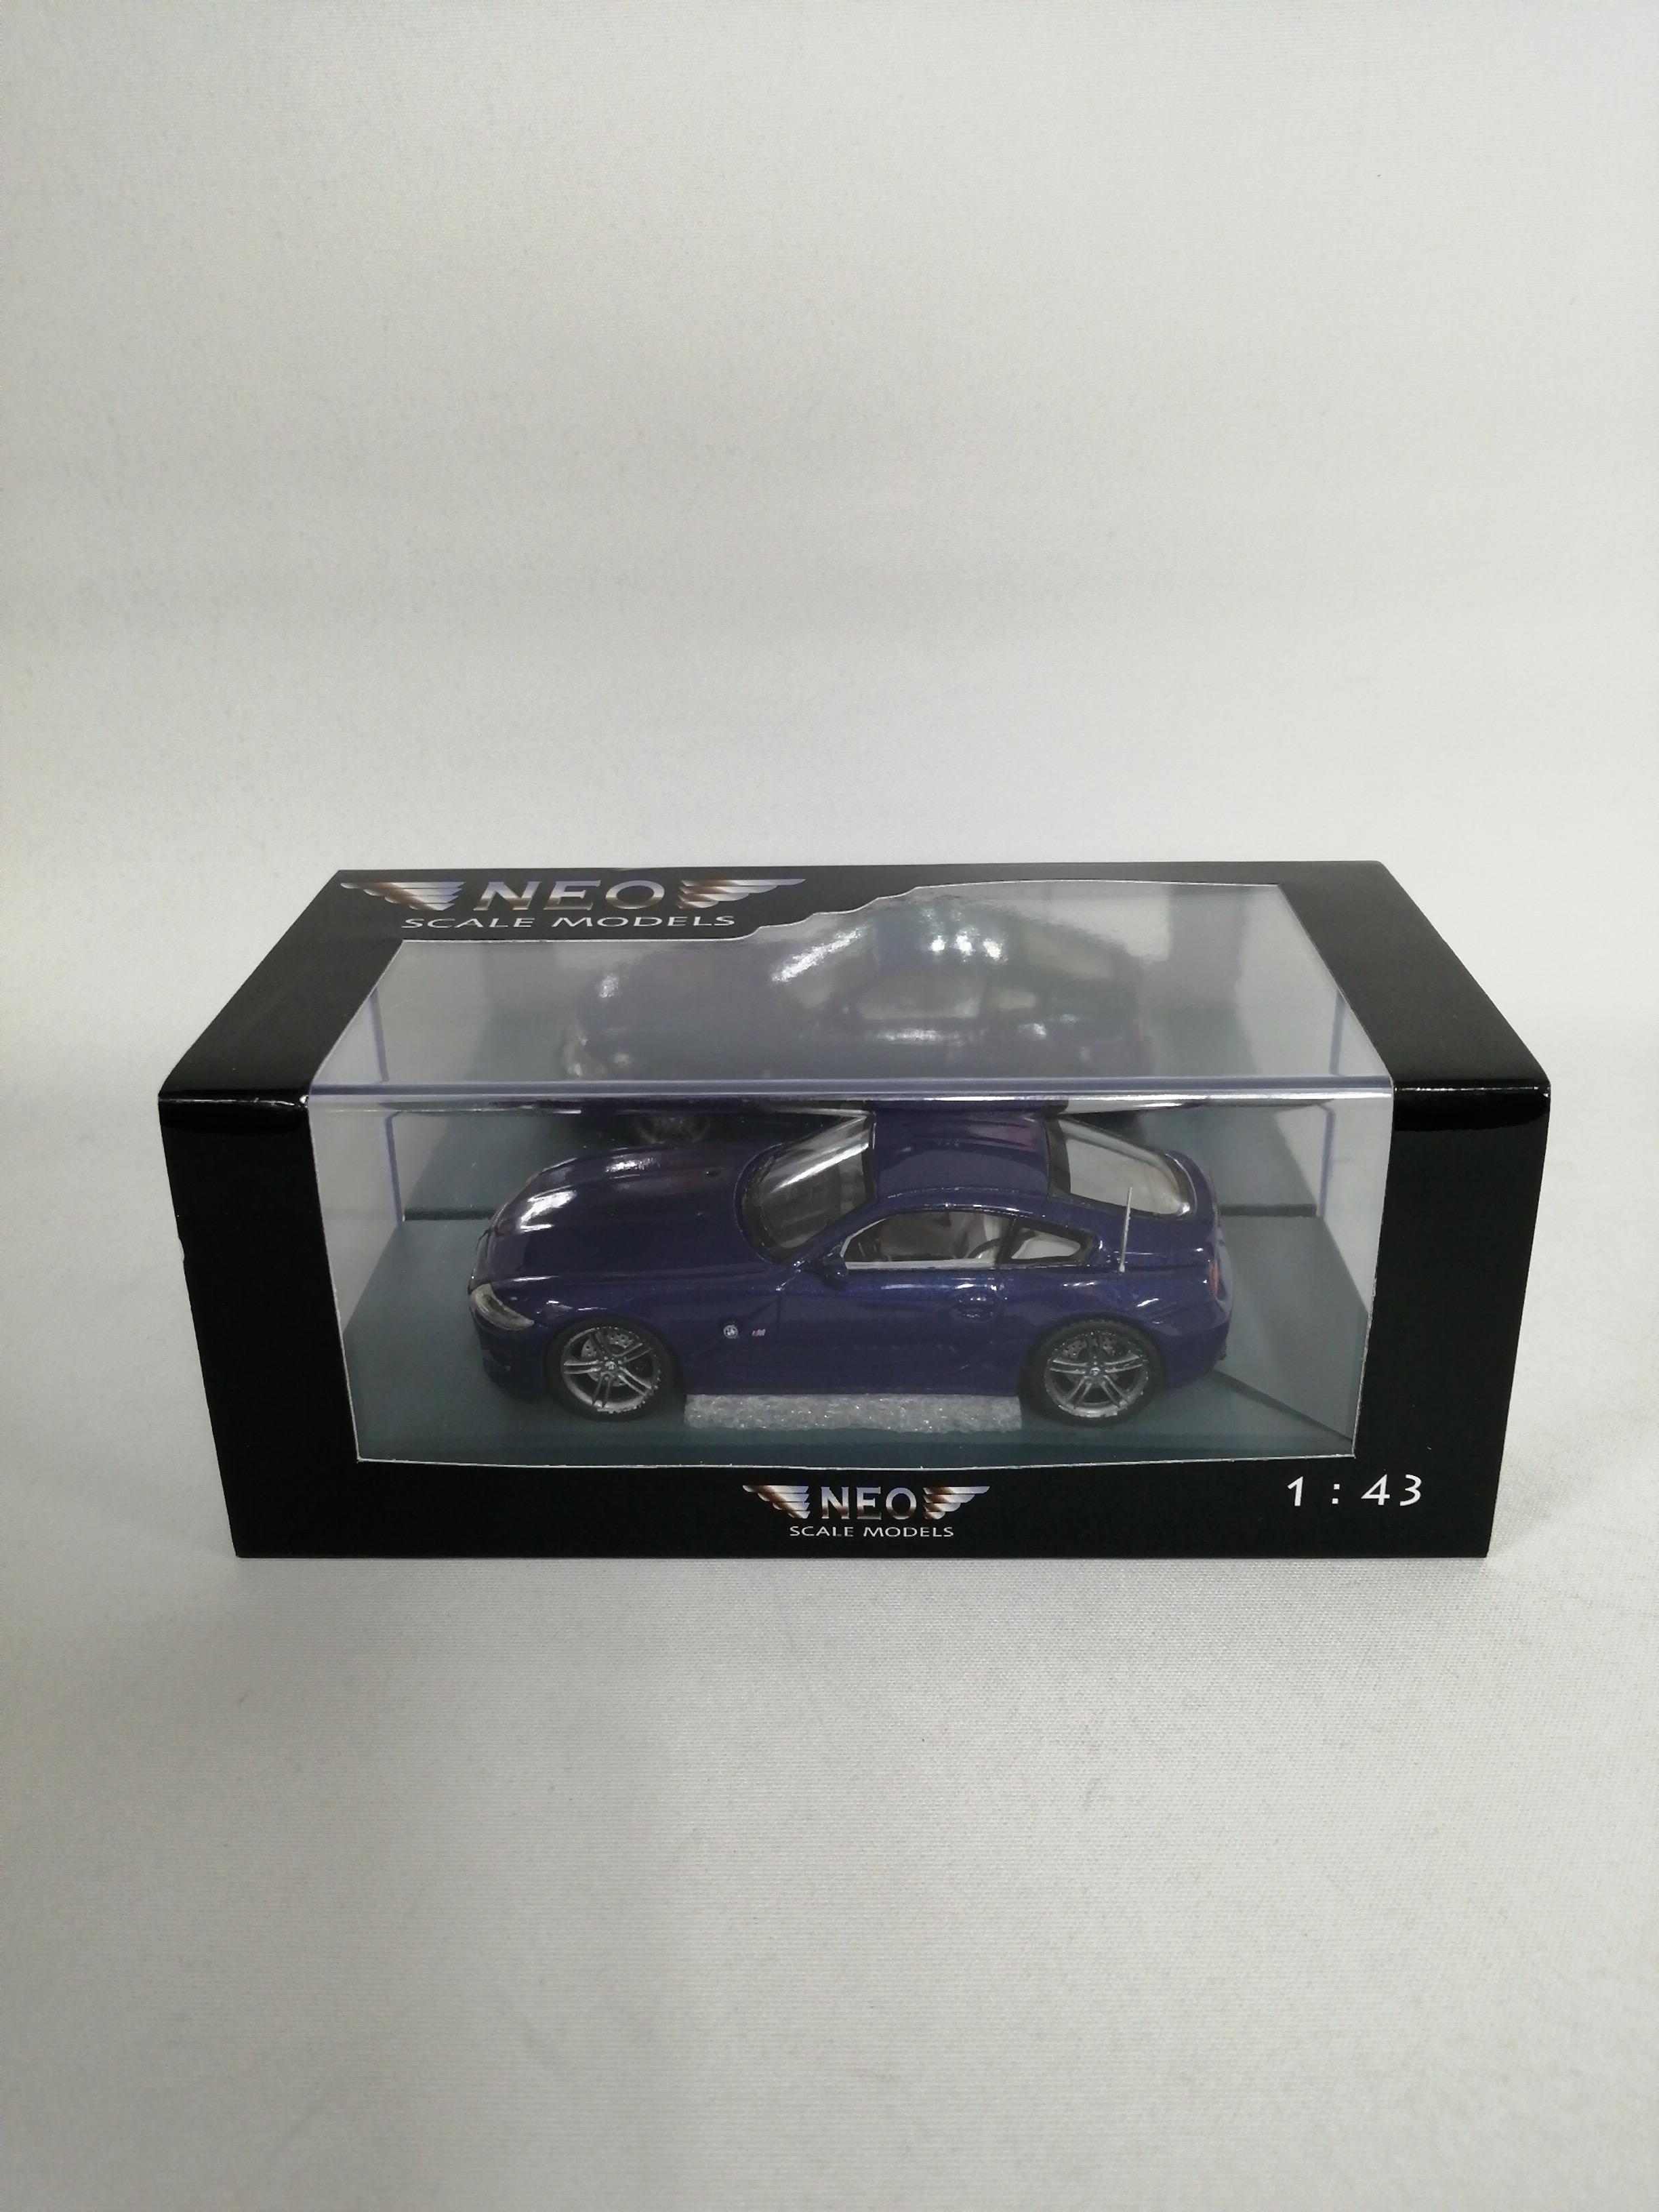 1/43スケール BMW Z4 M COUPE|NEO